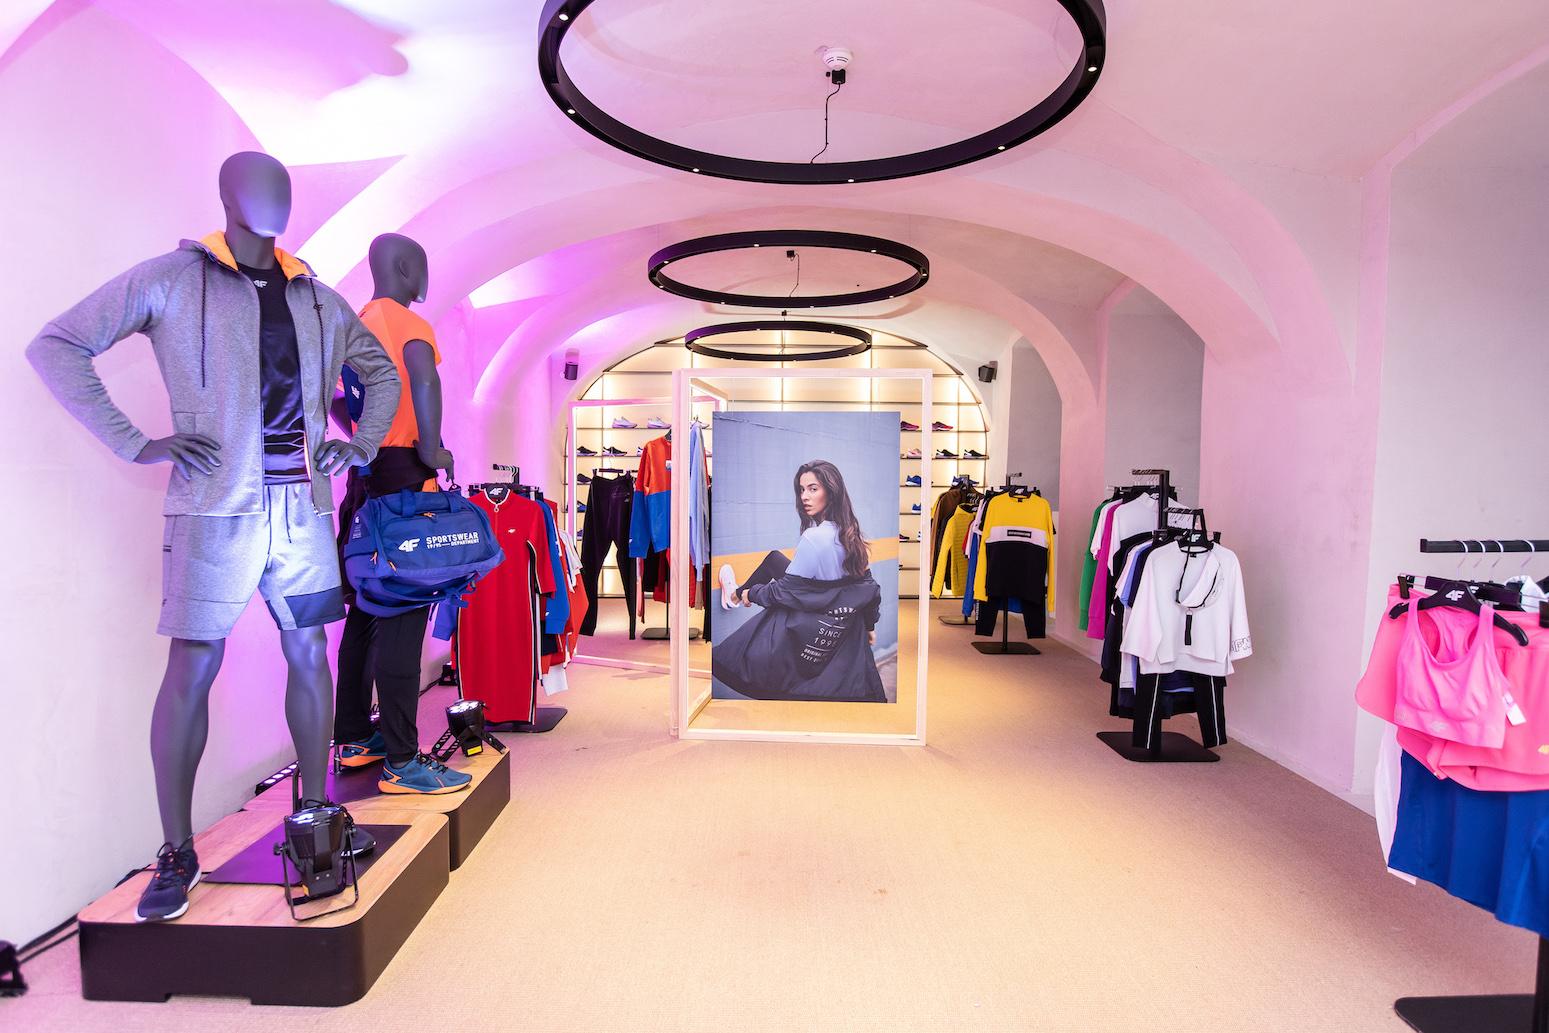 Exkluzívne predstavenie novej kolekcie športového oblečenia značky 4F pre sezónu jar-leto 2019 v Bratislave.